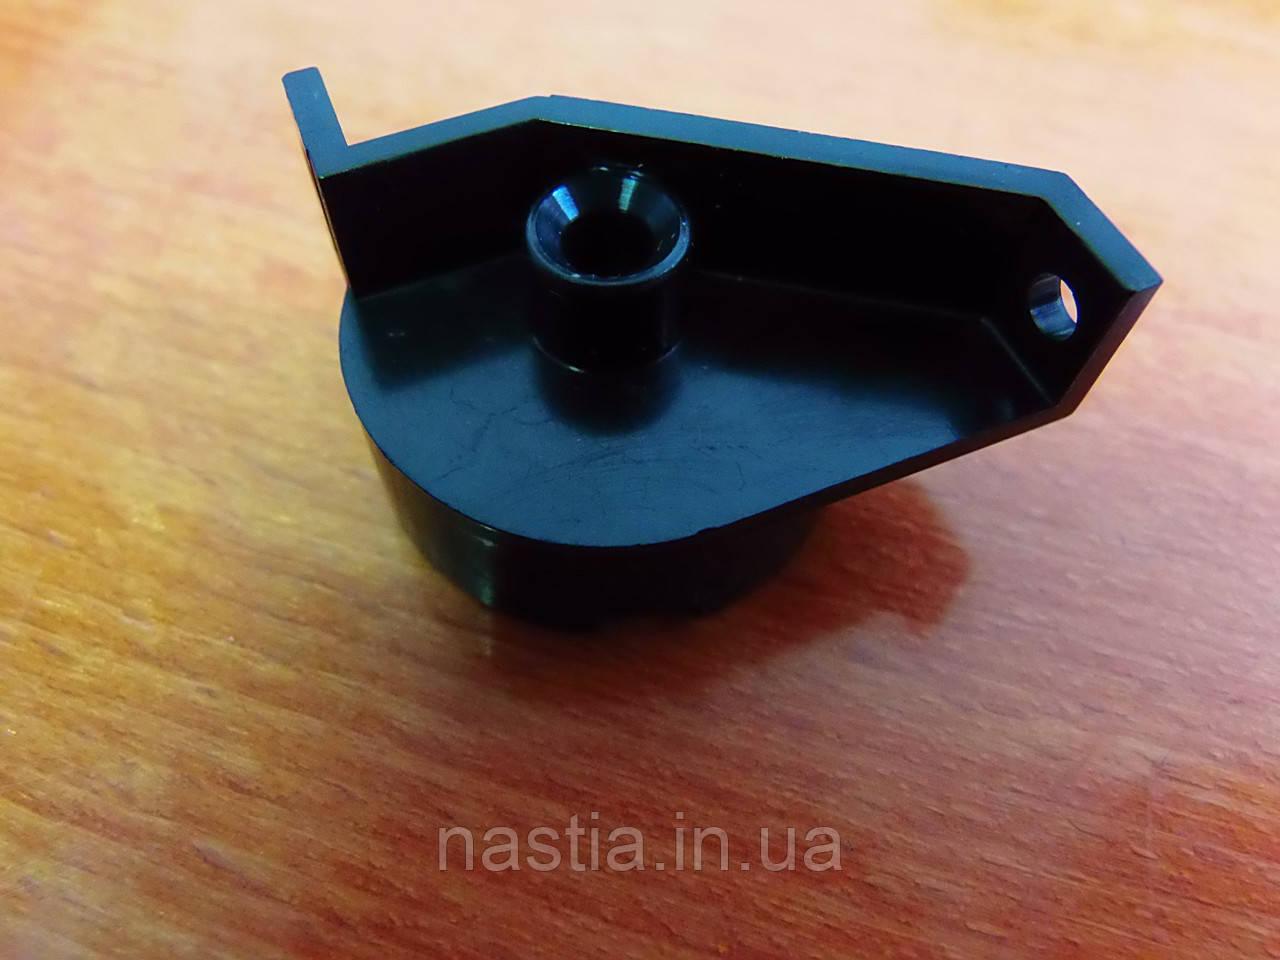 149198850 Утримувач тефлонової трубки у робочій групі(сірий), Incanto